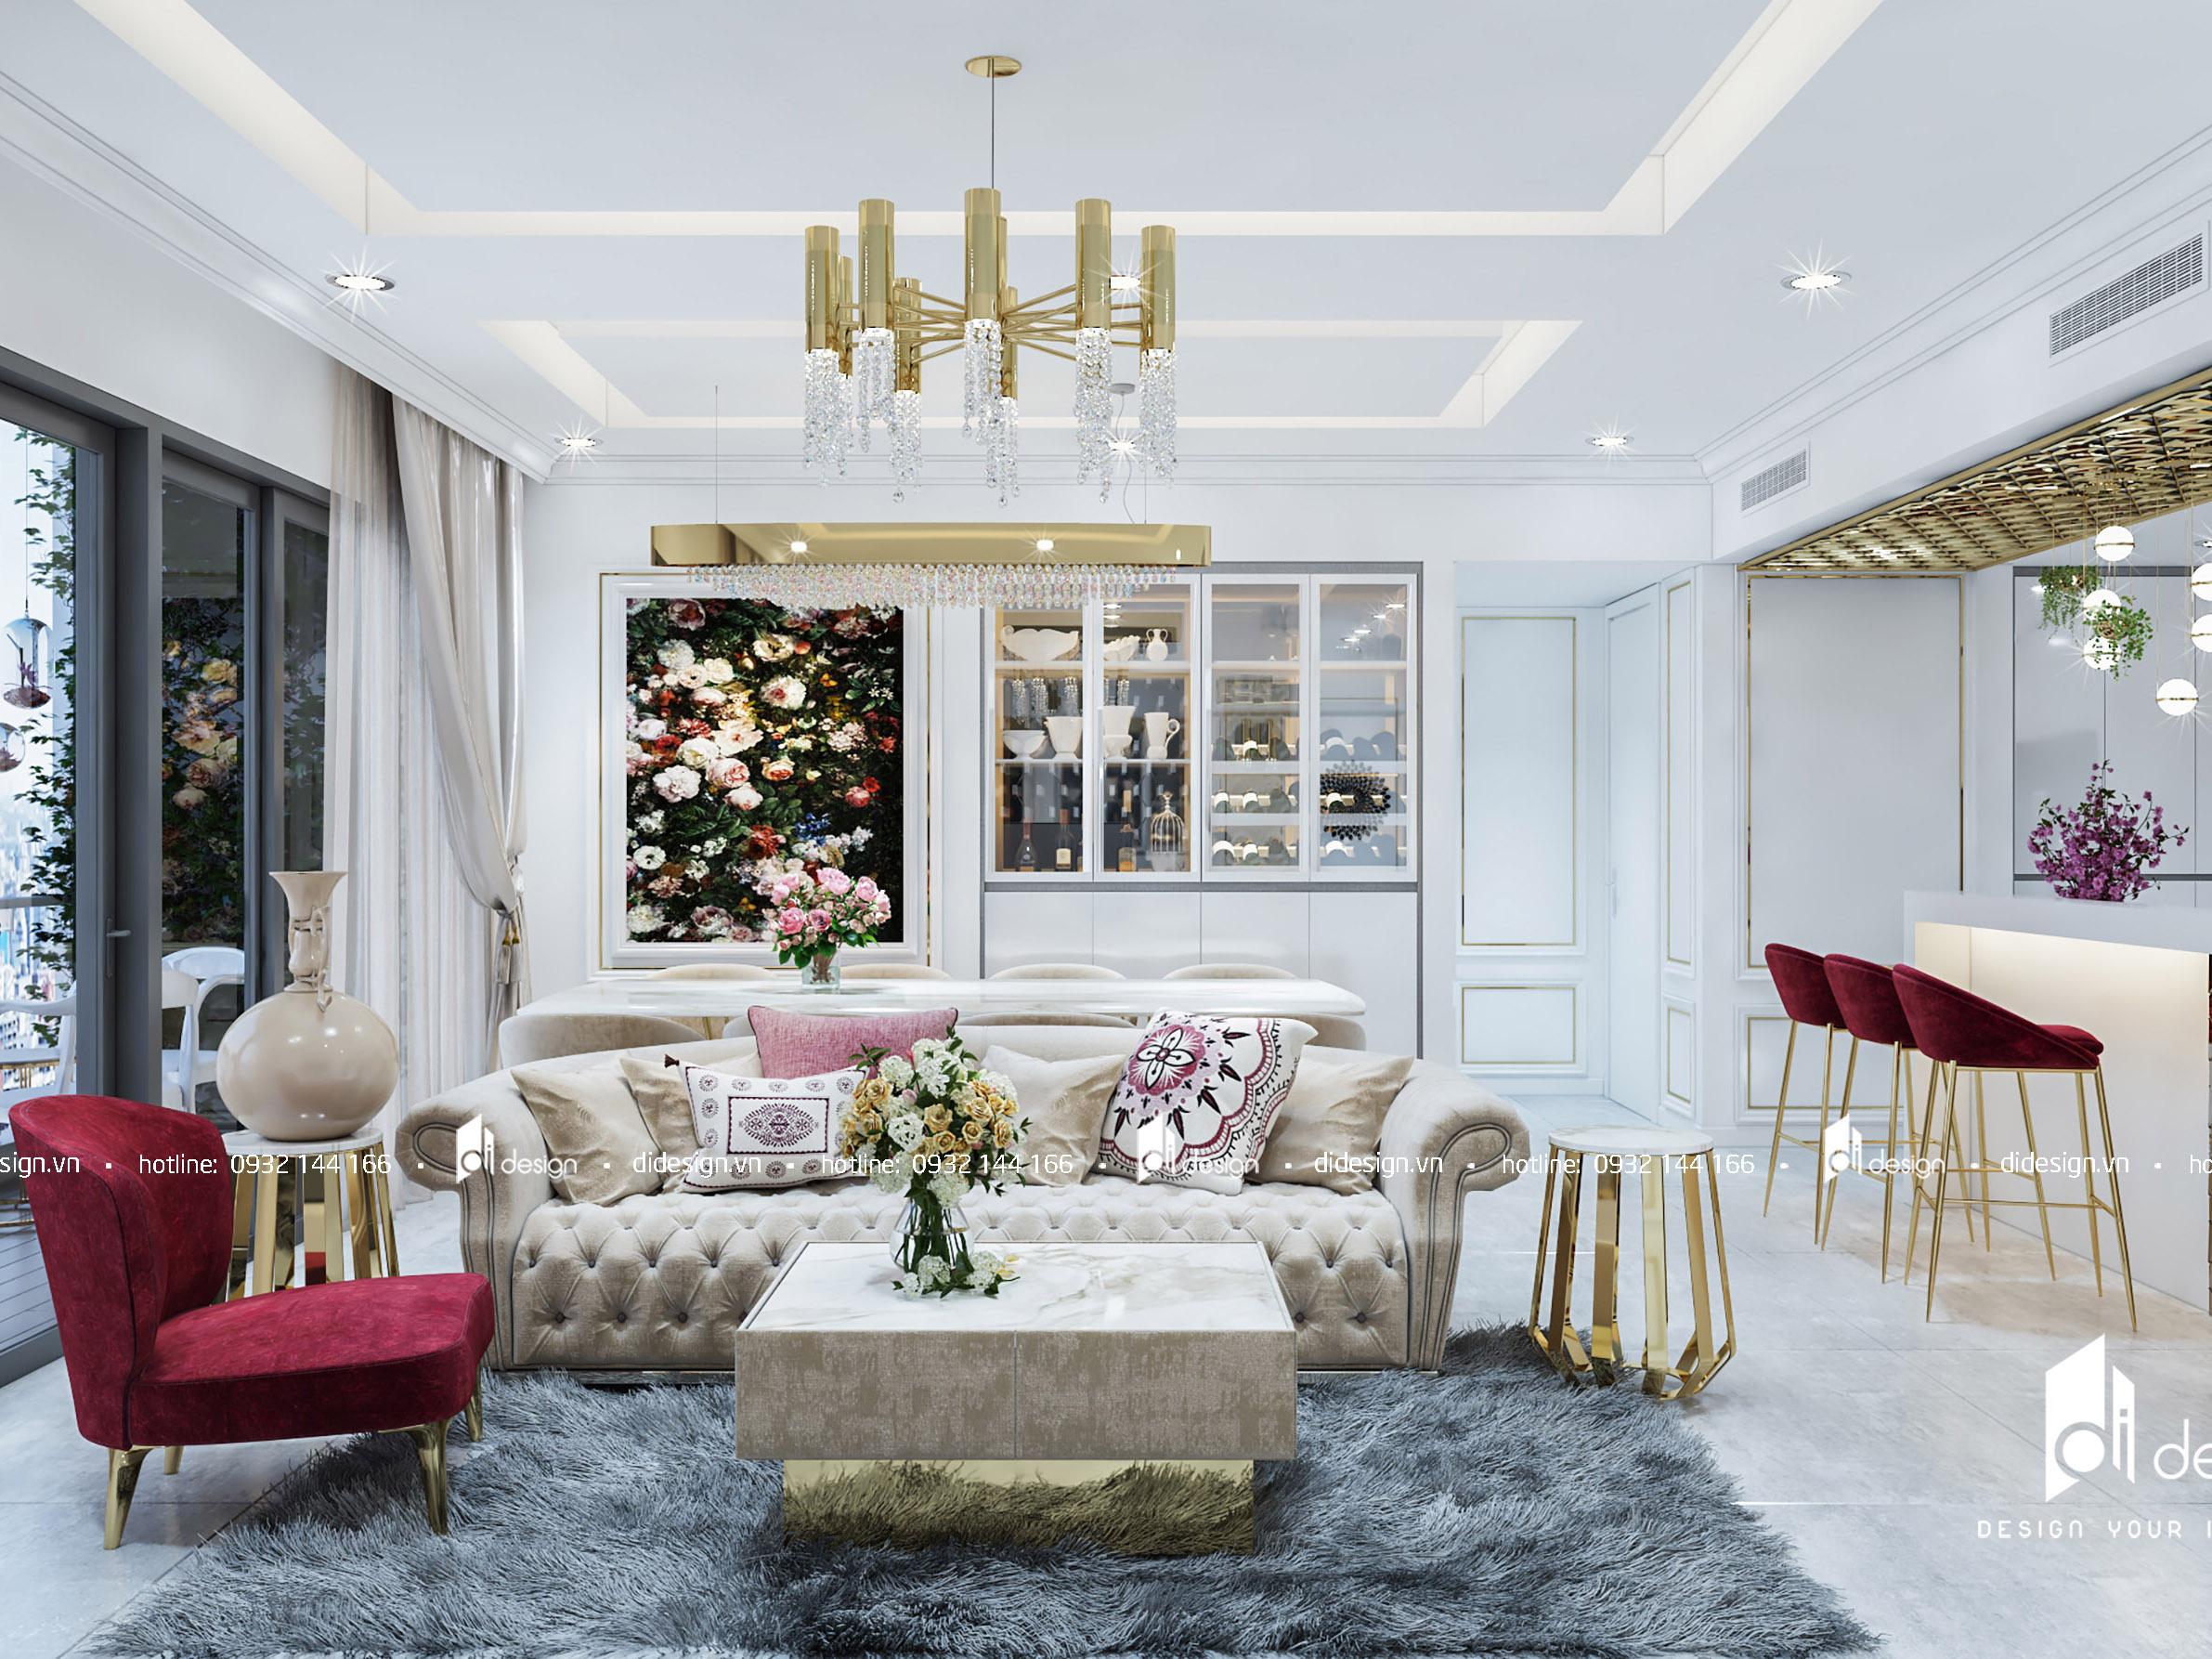 Thiết kế nội thất căn hộ Gateway Thảo Điền 120m2 phong cách tân cổ điển